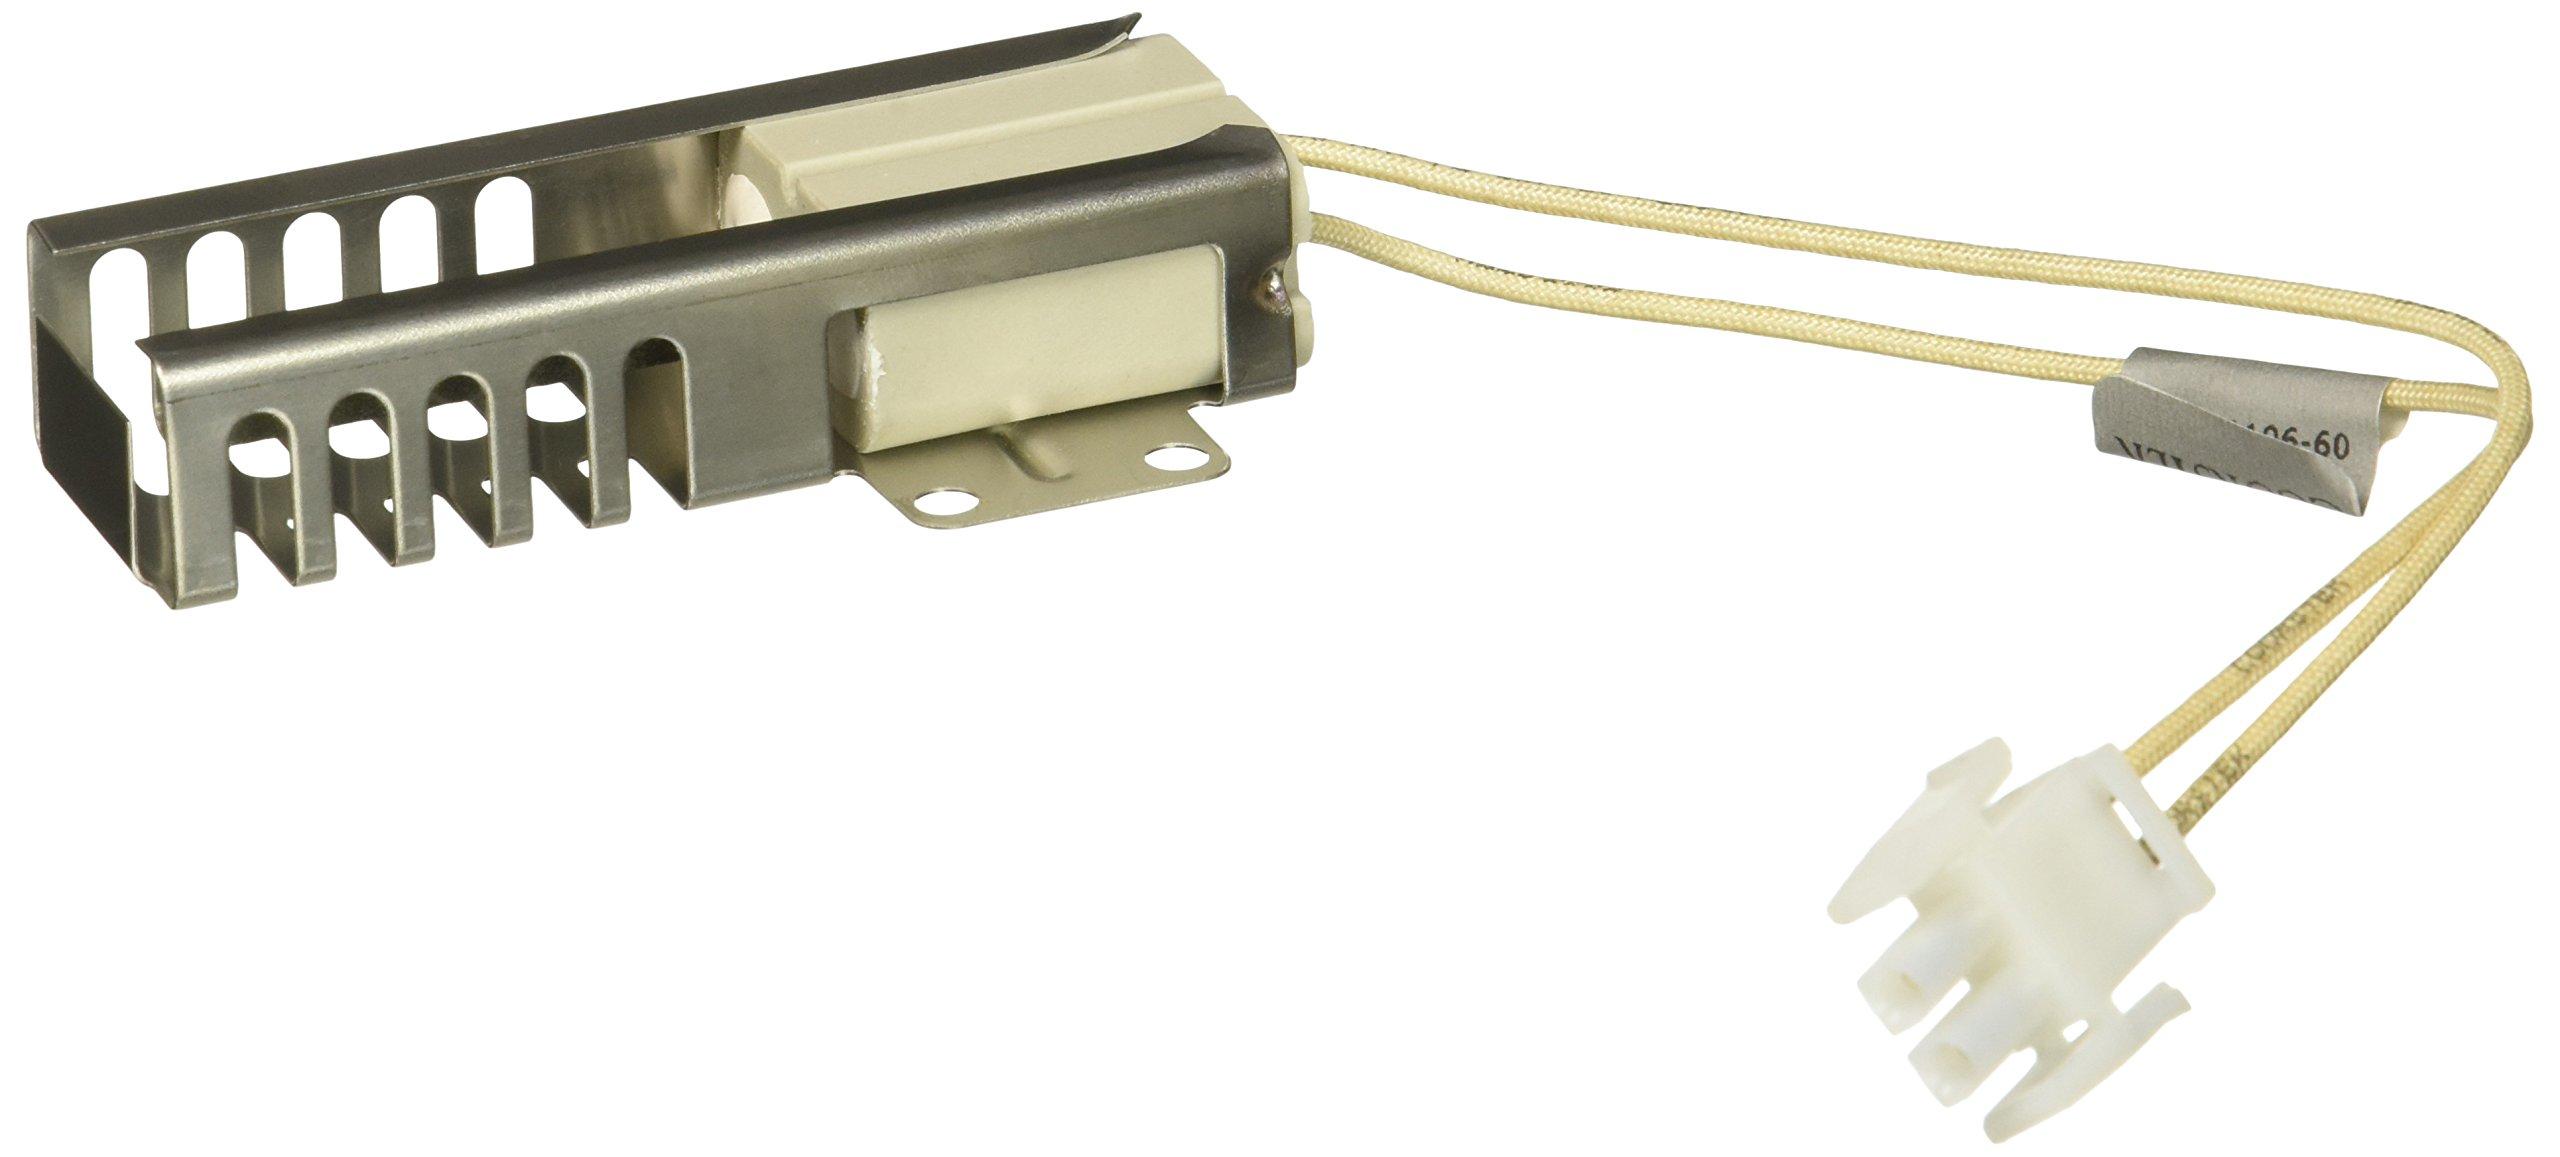 Whirlpool 74007498 Oven Igniter for Range